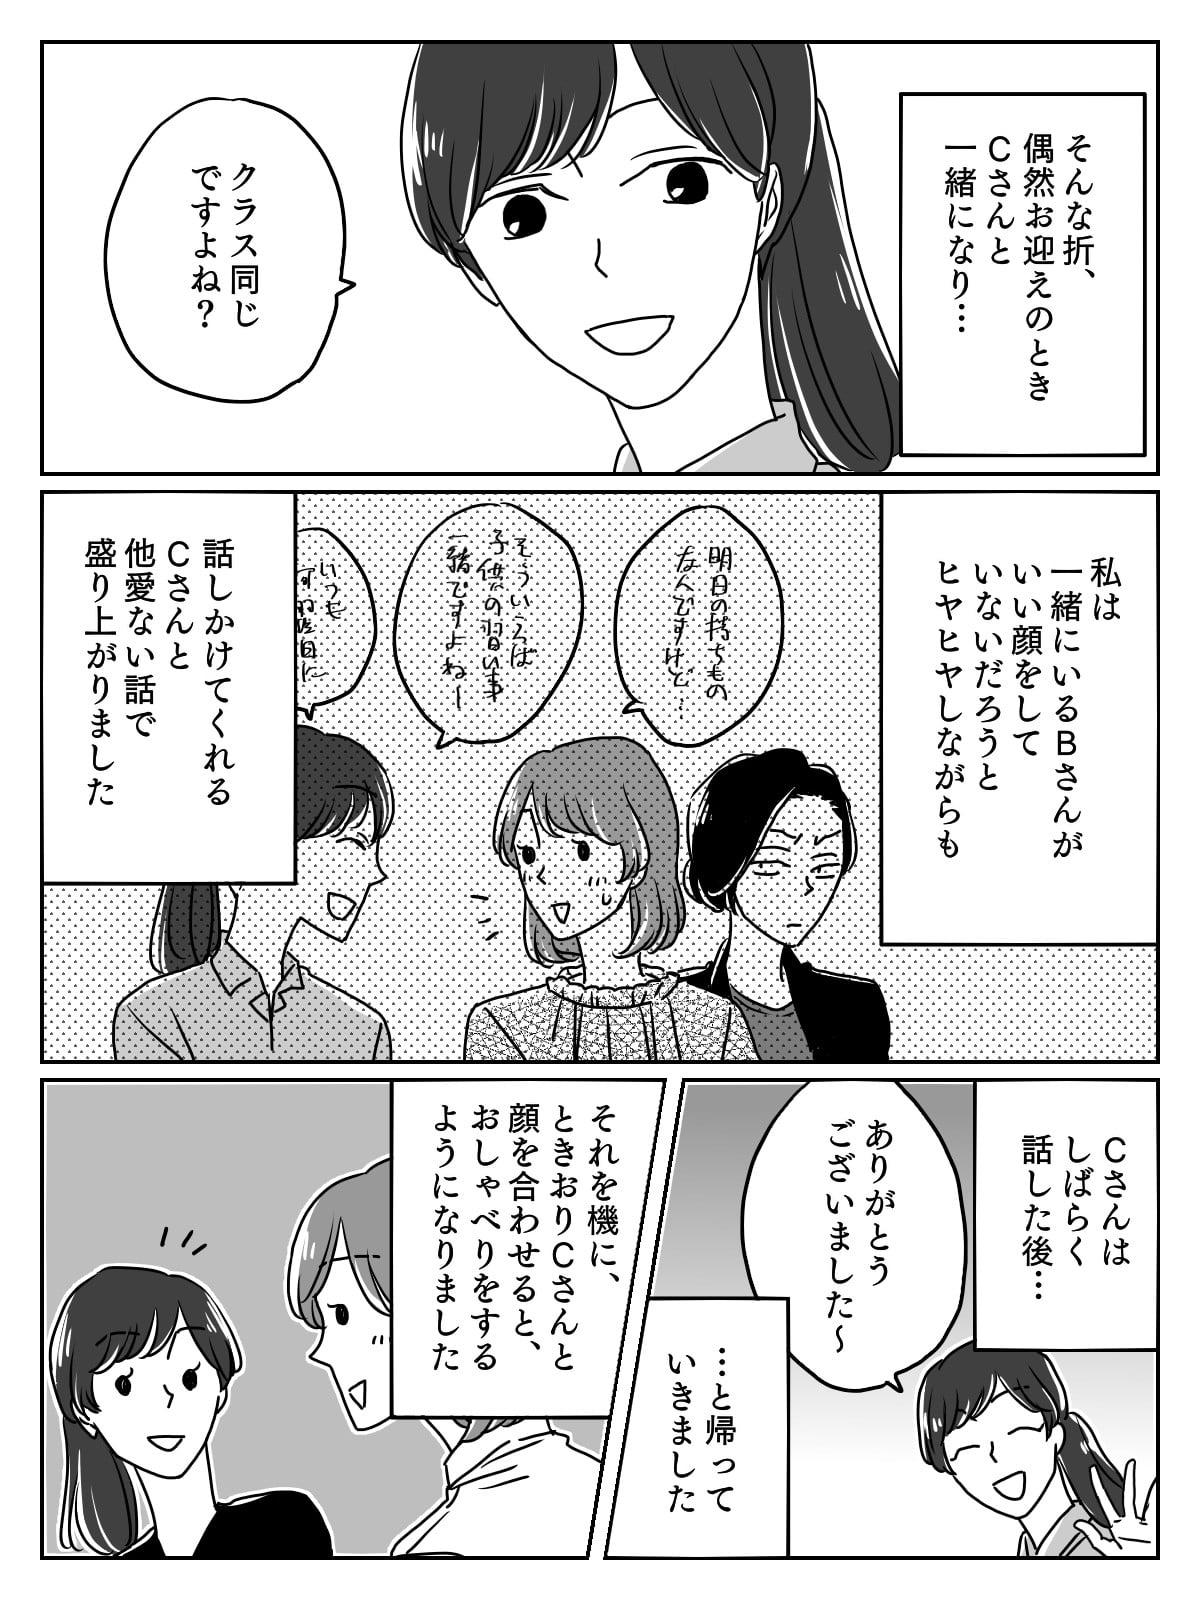 「ママ友関係」三者三様のうず巻く感情~内気なA子の場合~